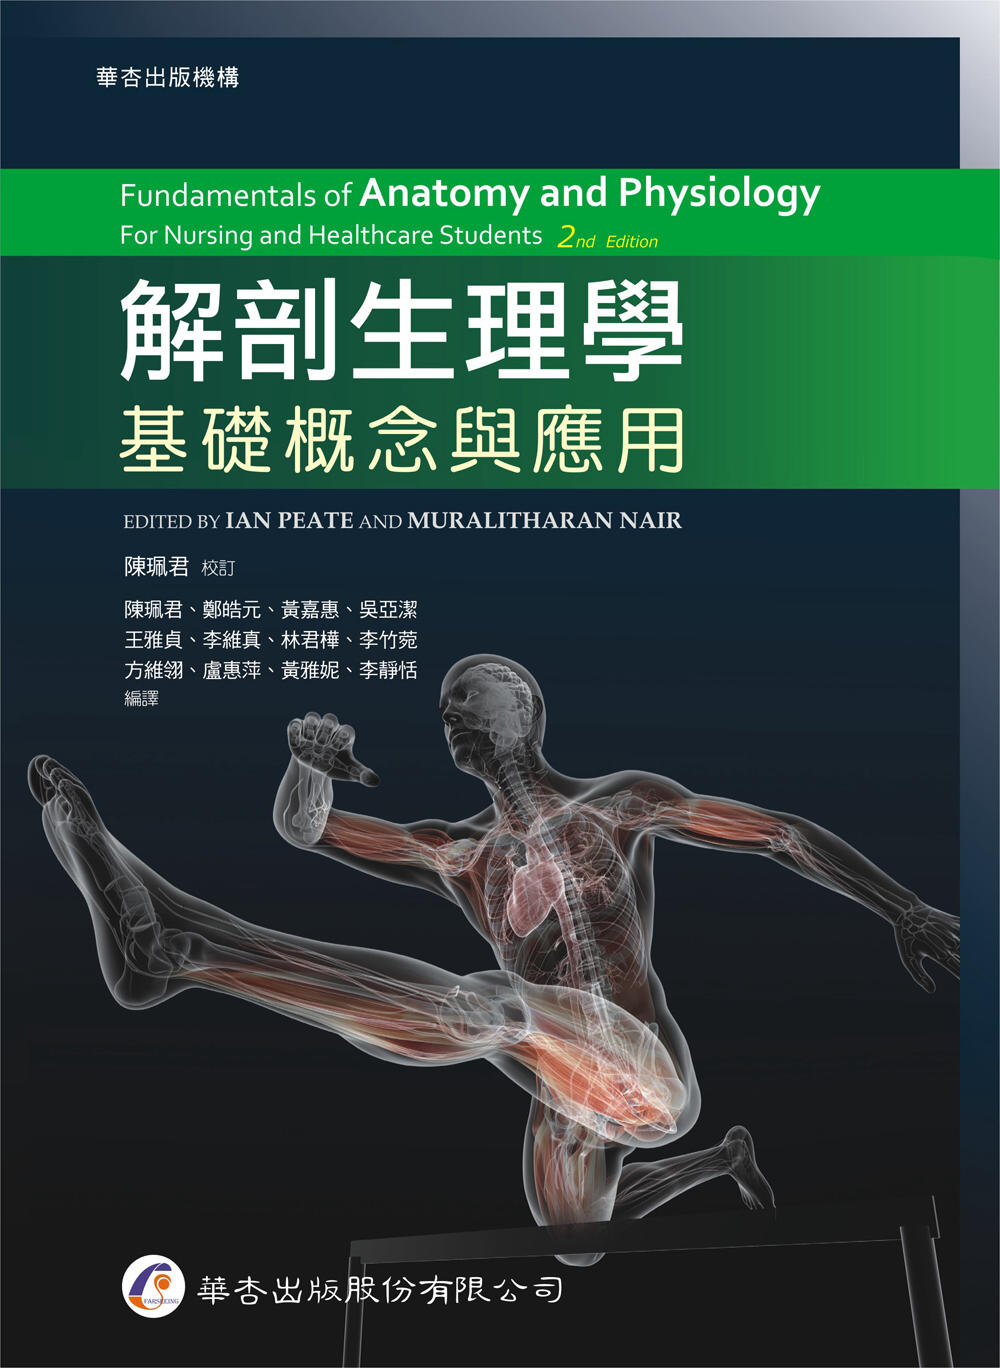 解剖生理學:基礎概念與應用